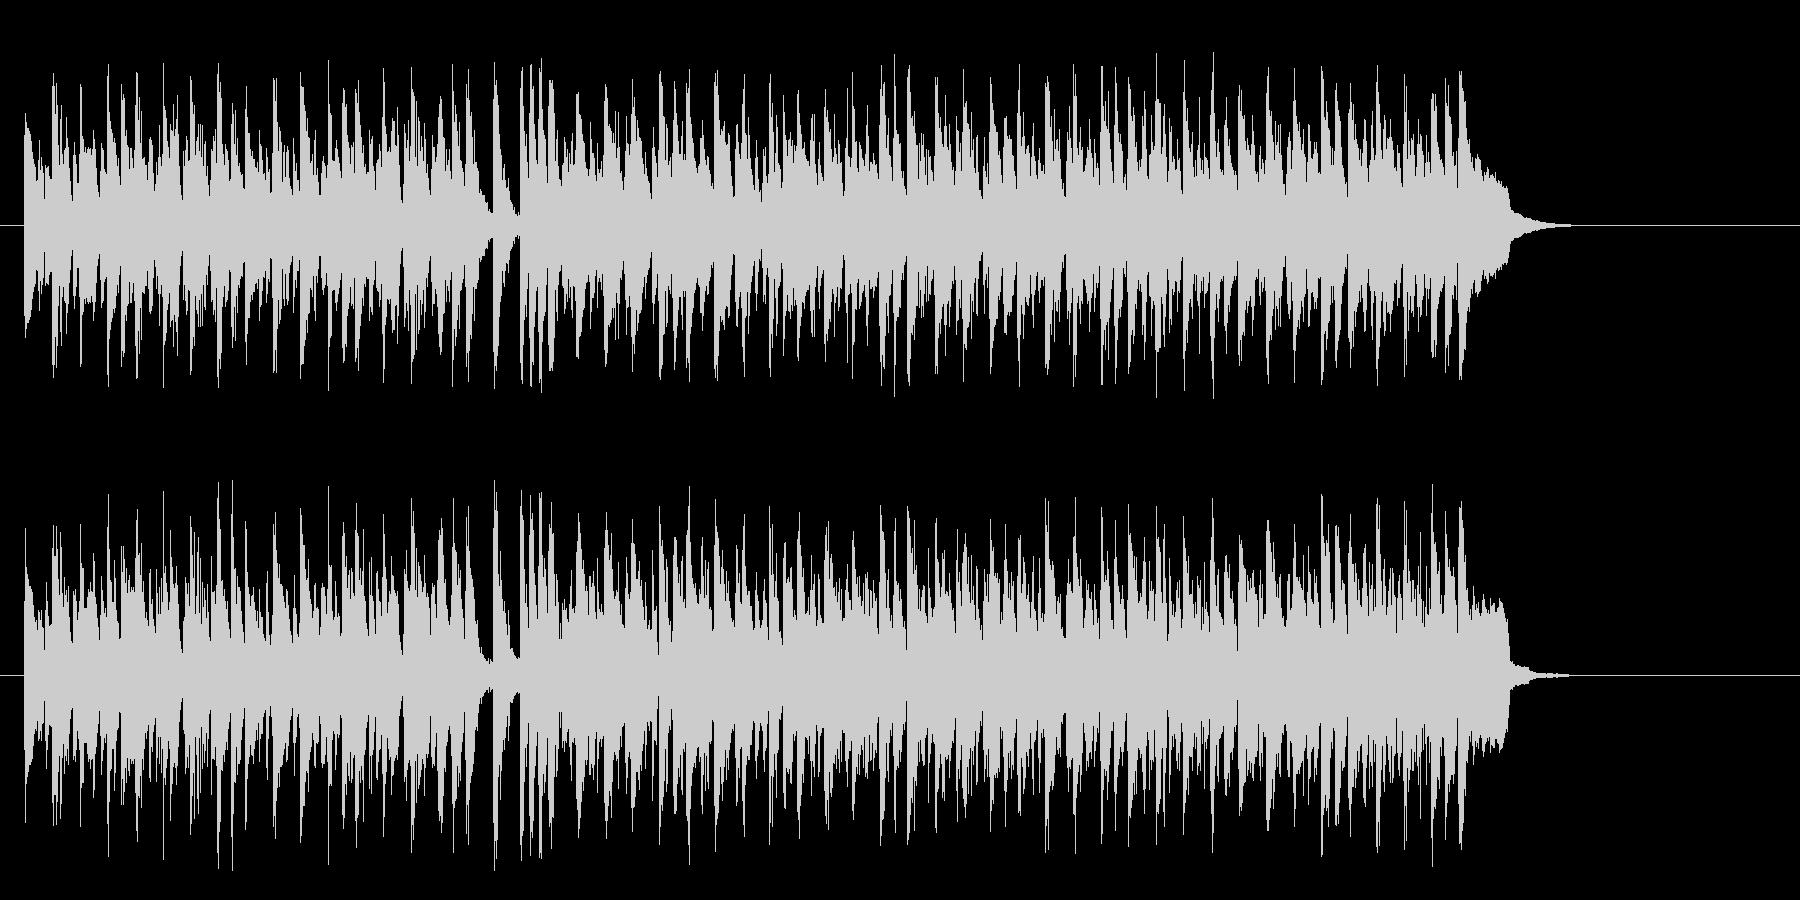 ワールド系サンバ風BGM(サビ~エンド)の未再生の波形